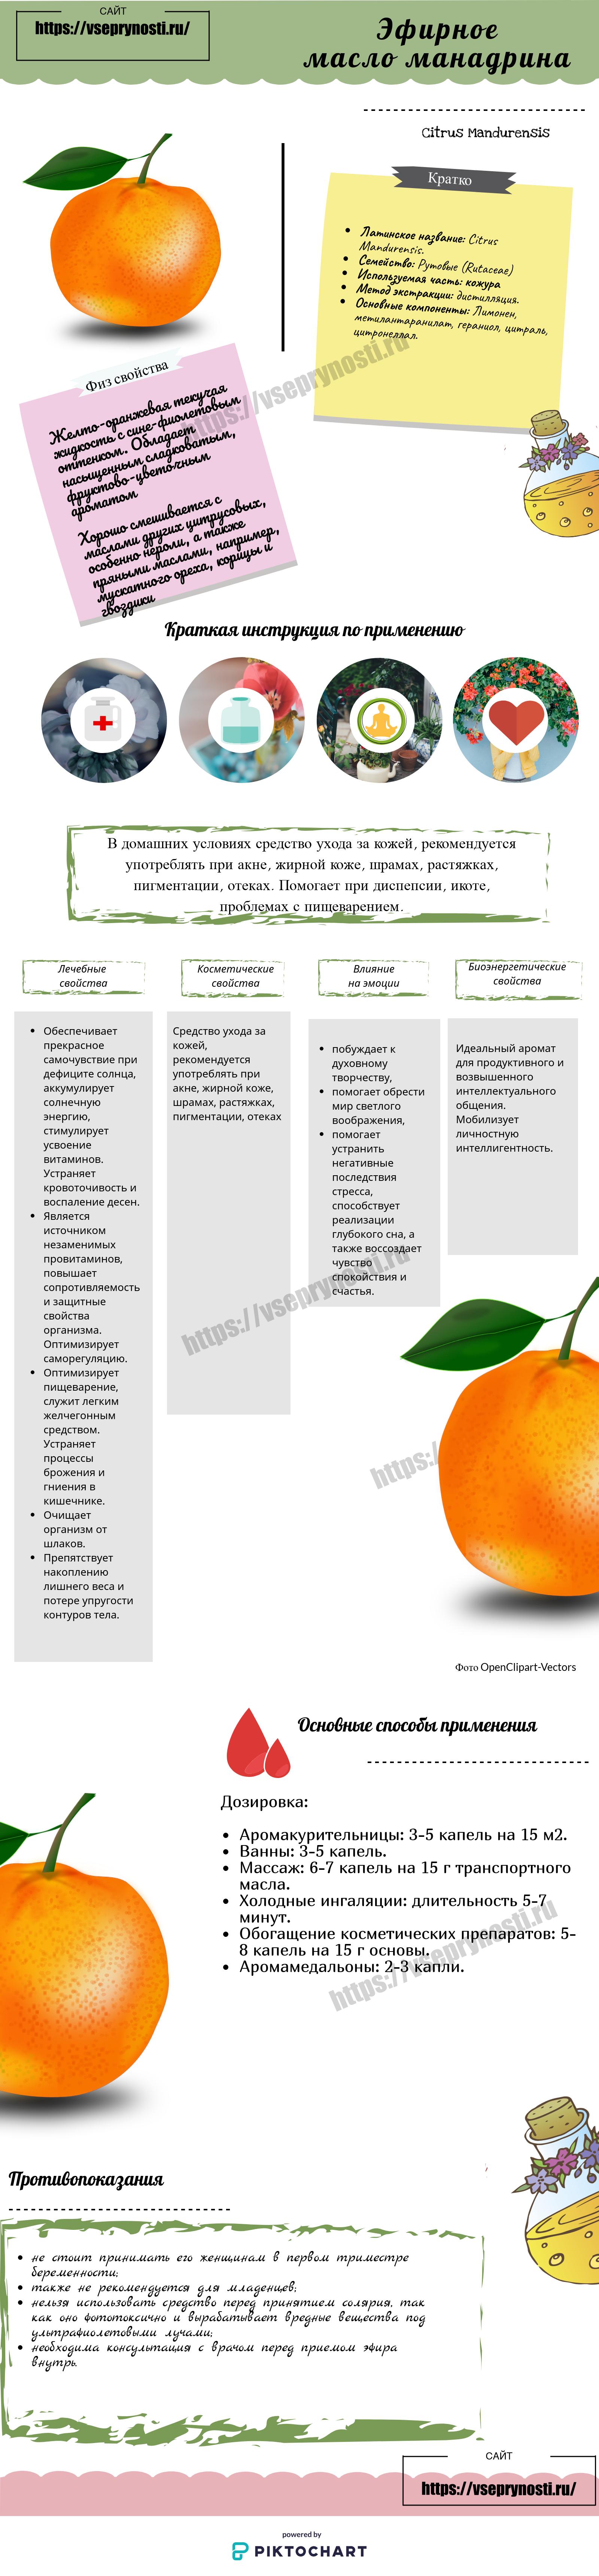 Масло орегано: полезные свойства и применение - medical insider